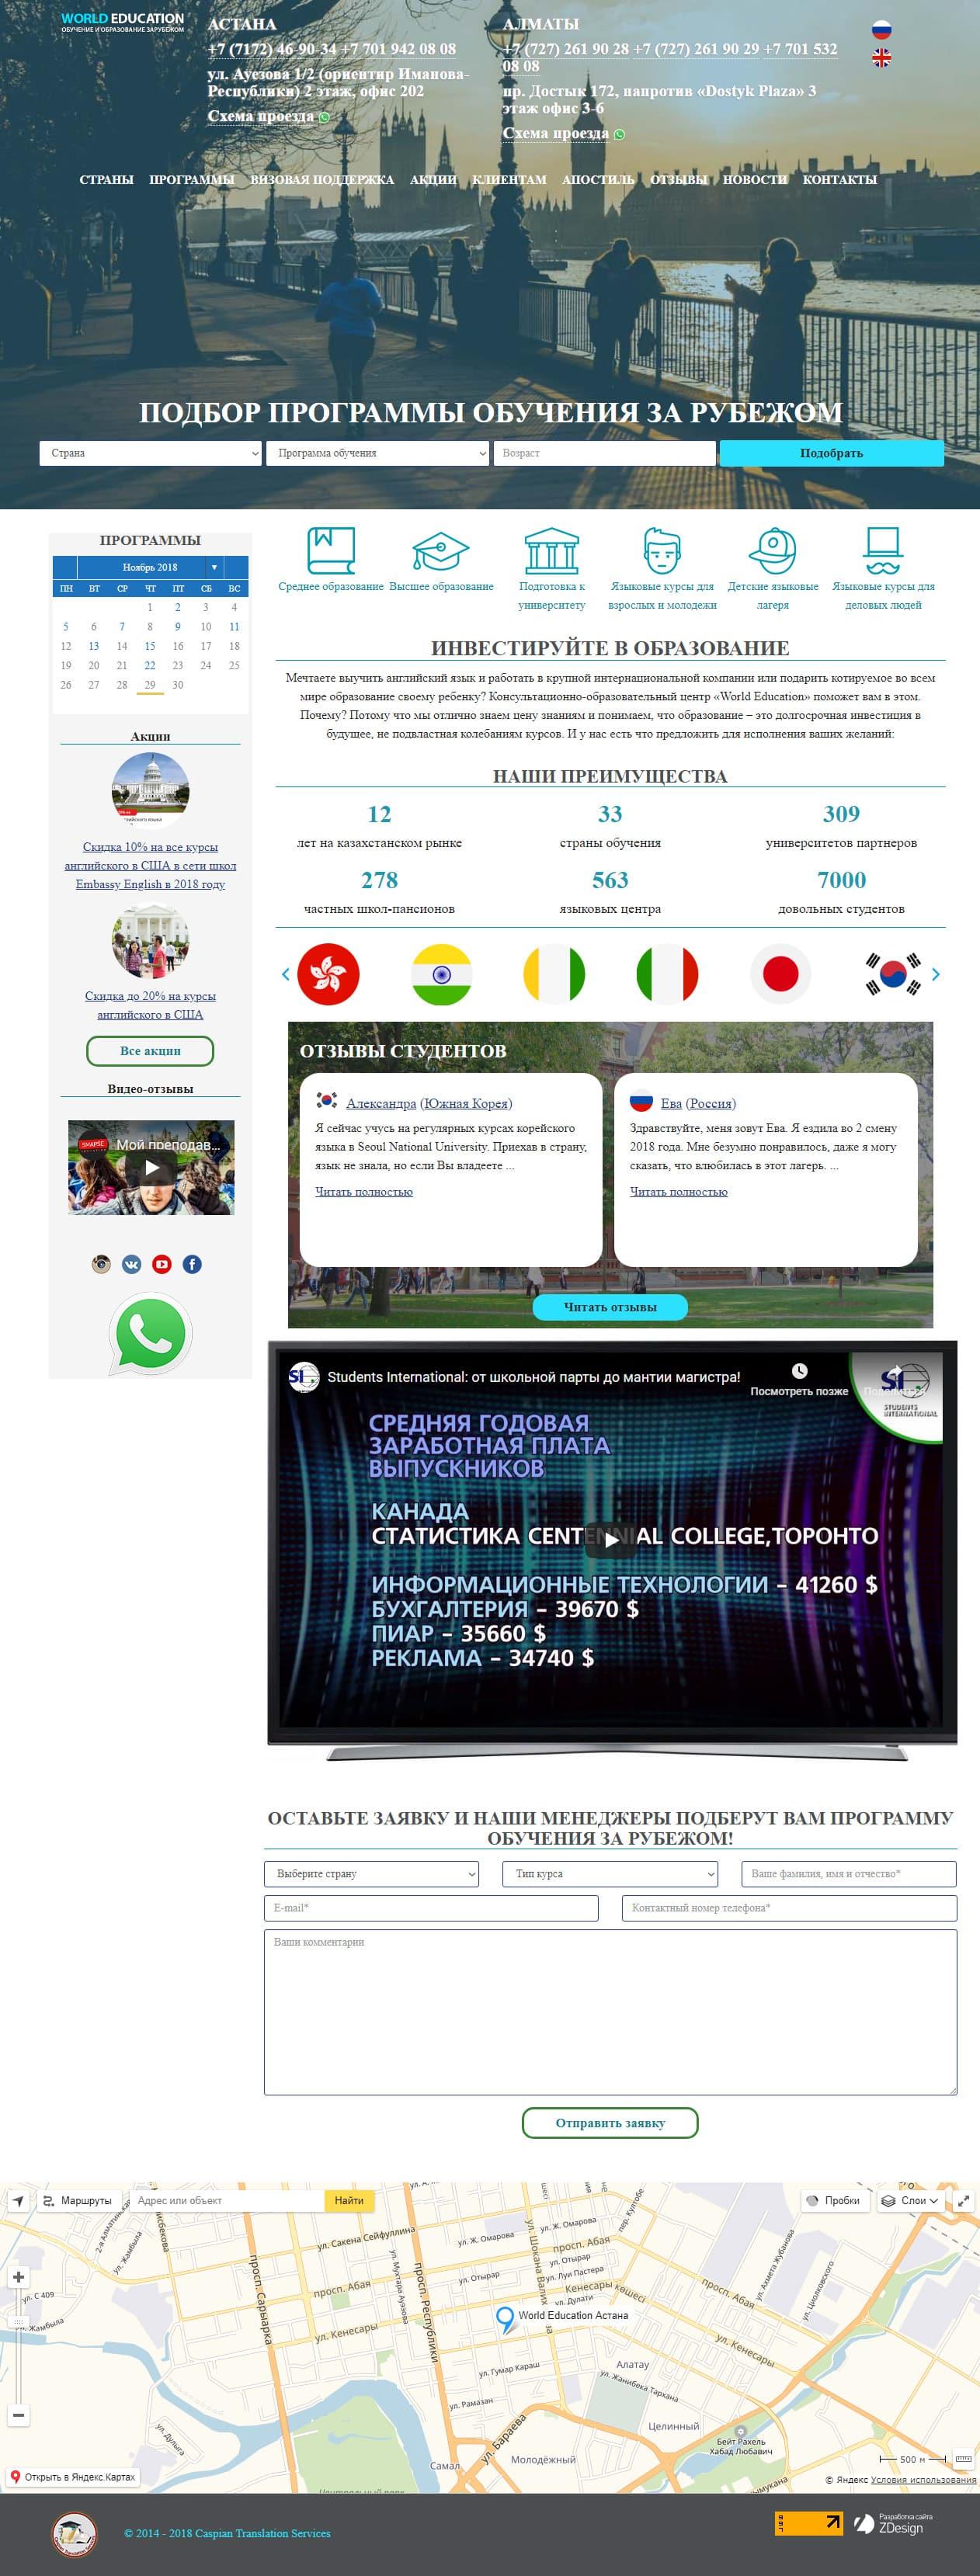 Разработка адаптивного сайта по выбору программы обучения зарубежом